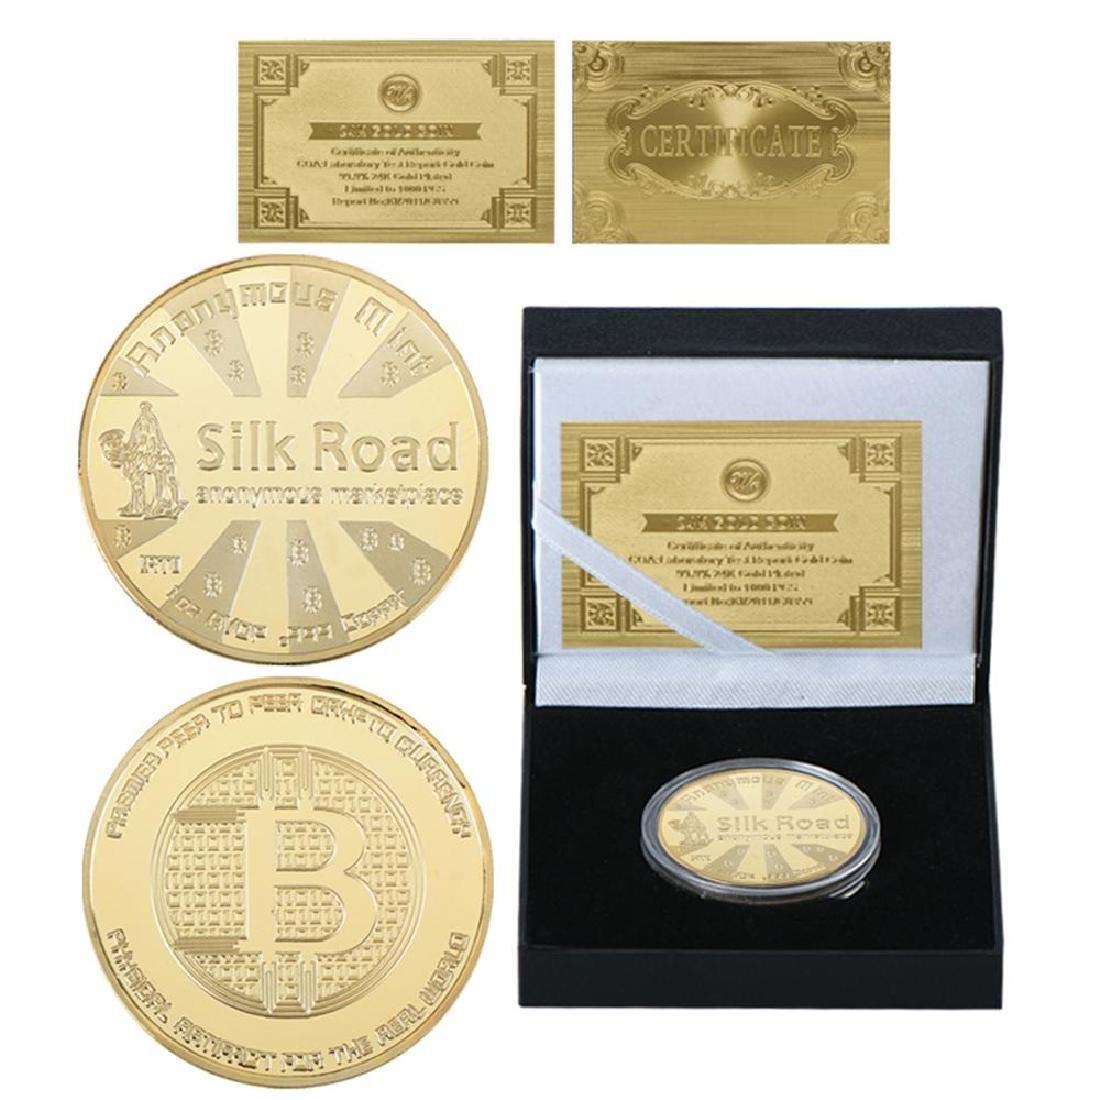 Bitcoin Silk Road Gold Clad Crypto Coin with COA